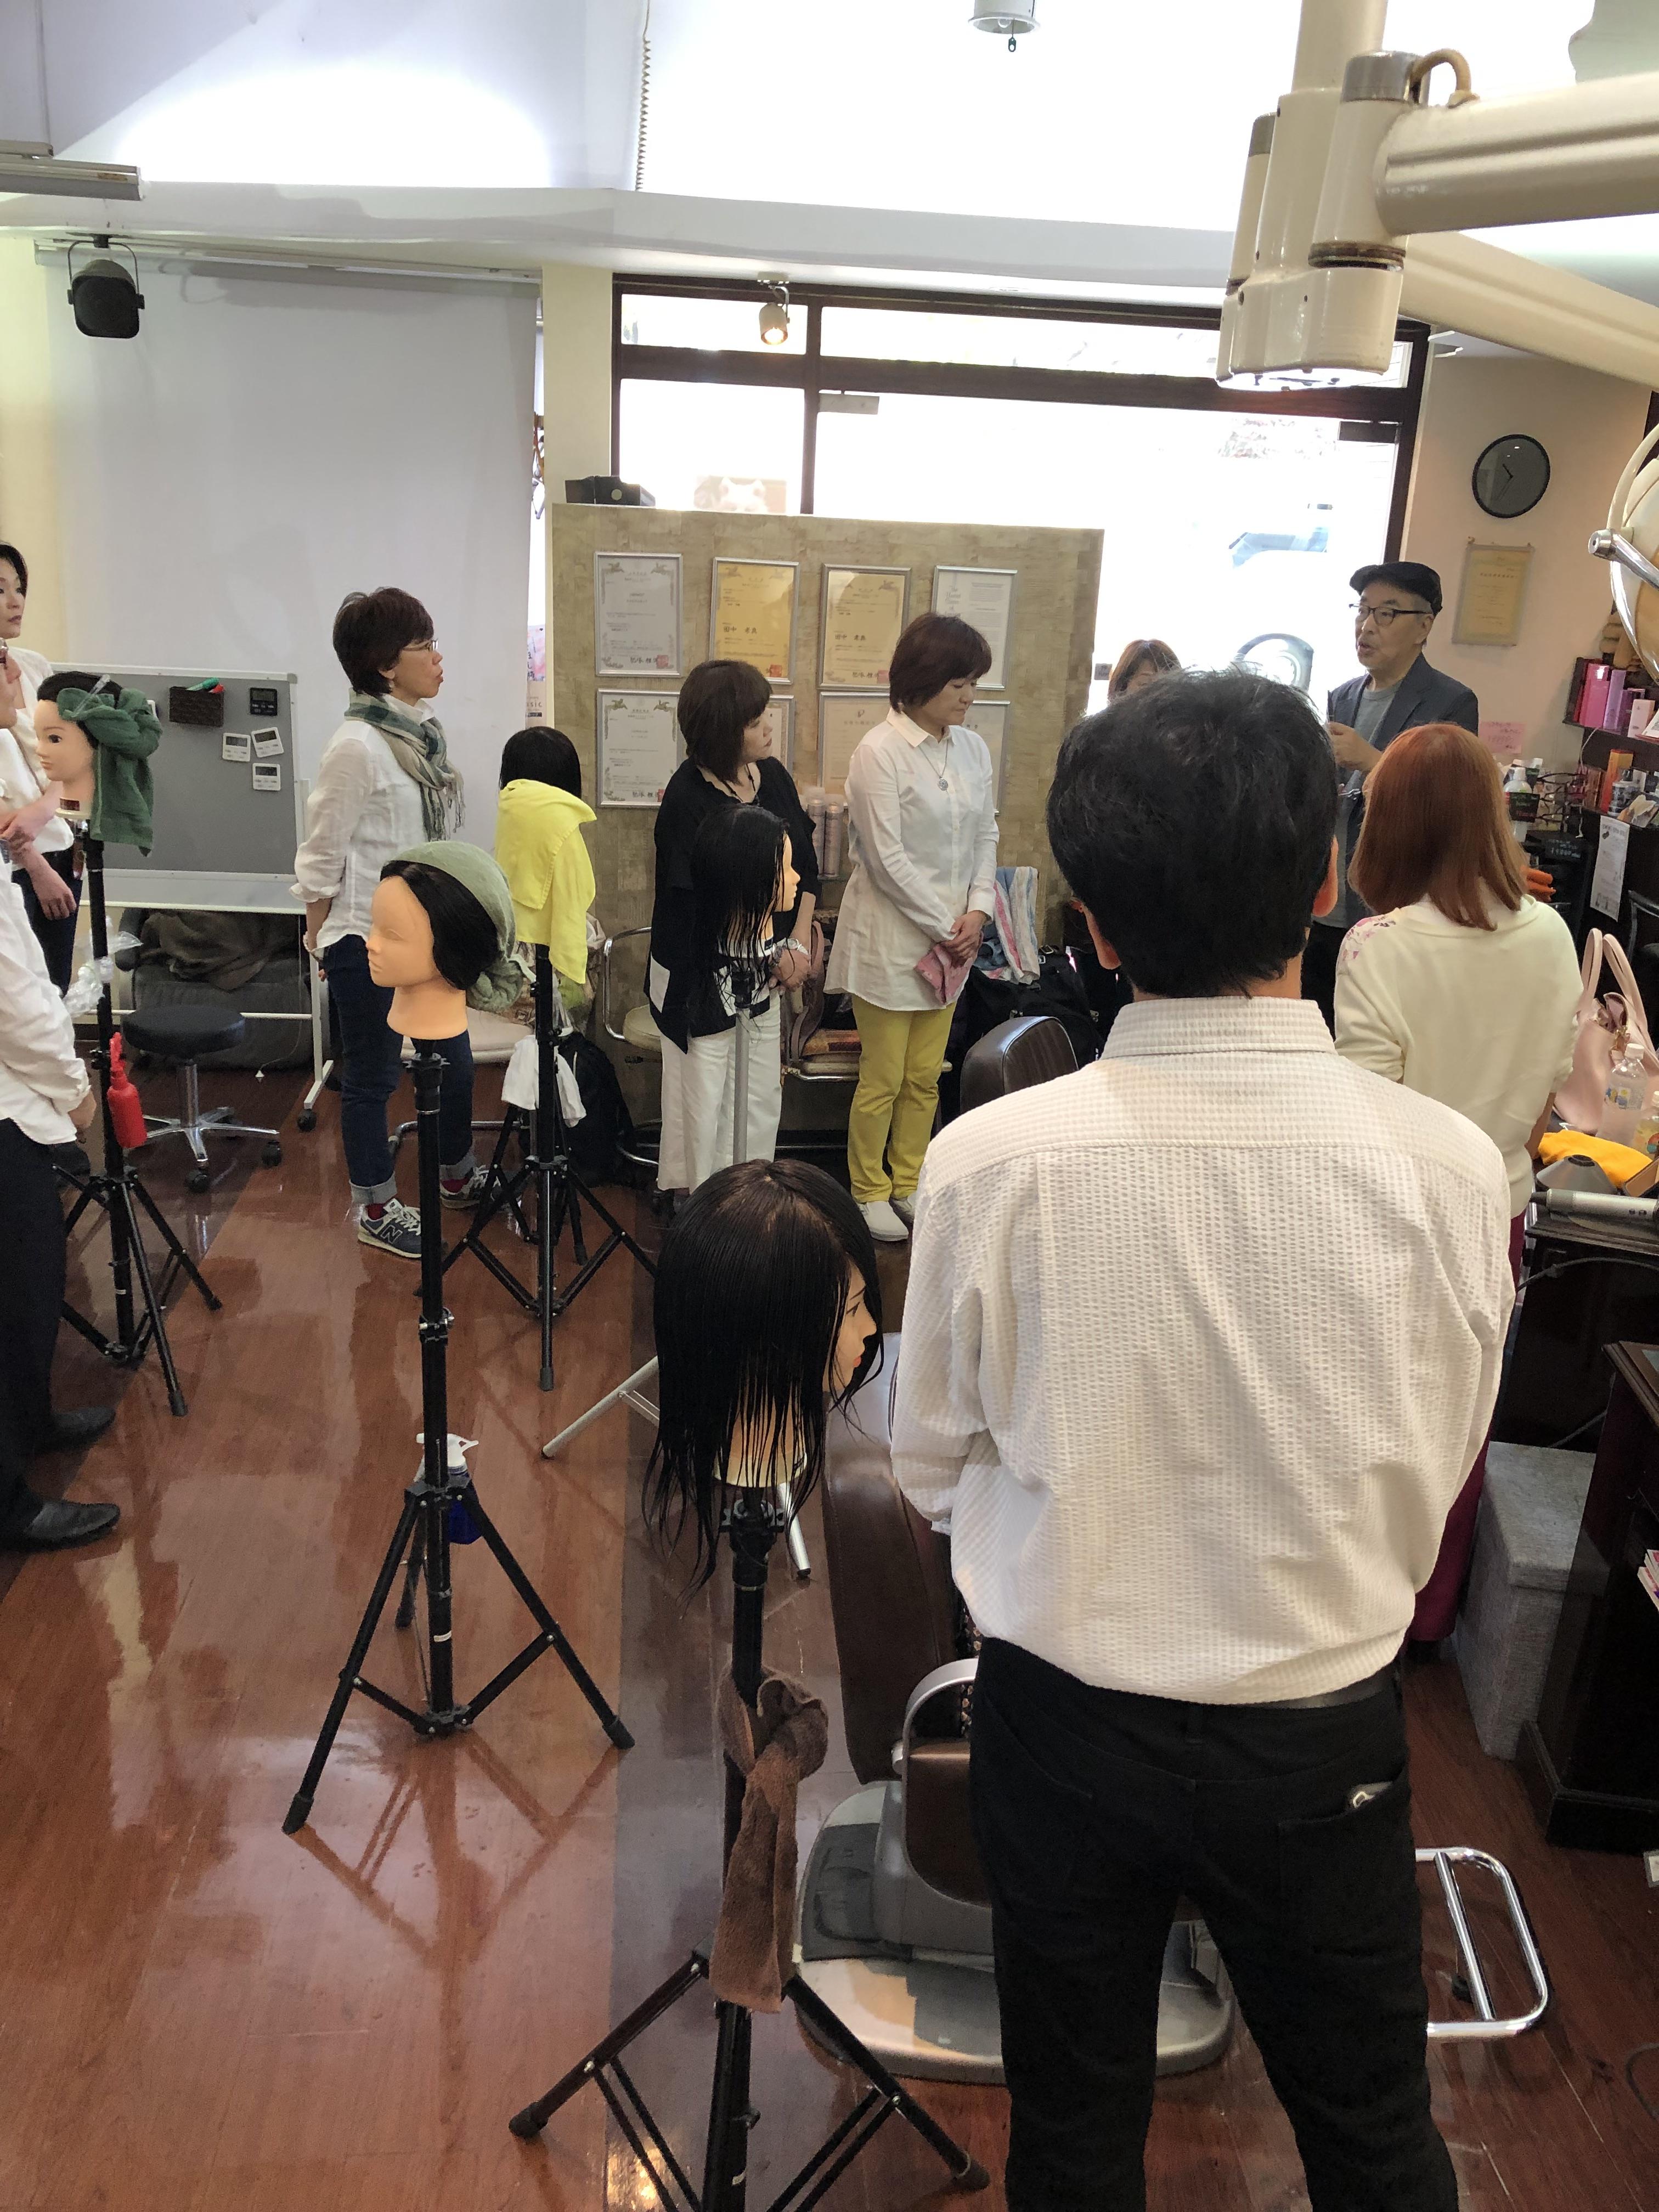 毎月第4月曜日は兵庫県 夙川【アンヌ美容室】で本部キュビズムカット講習